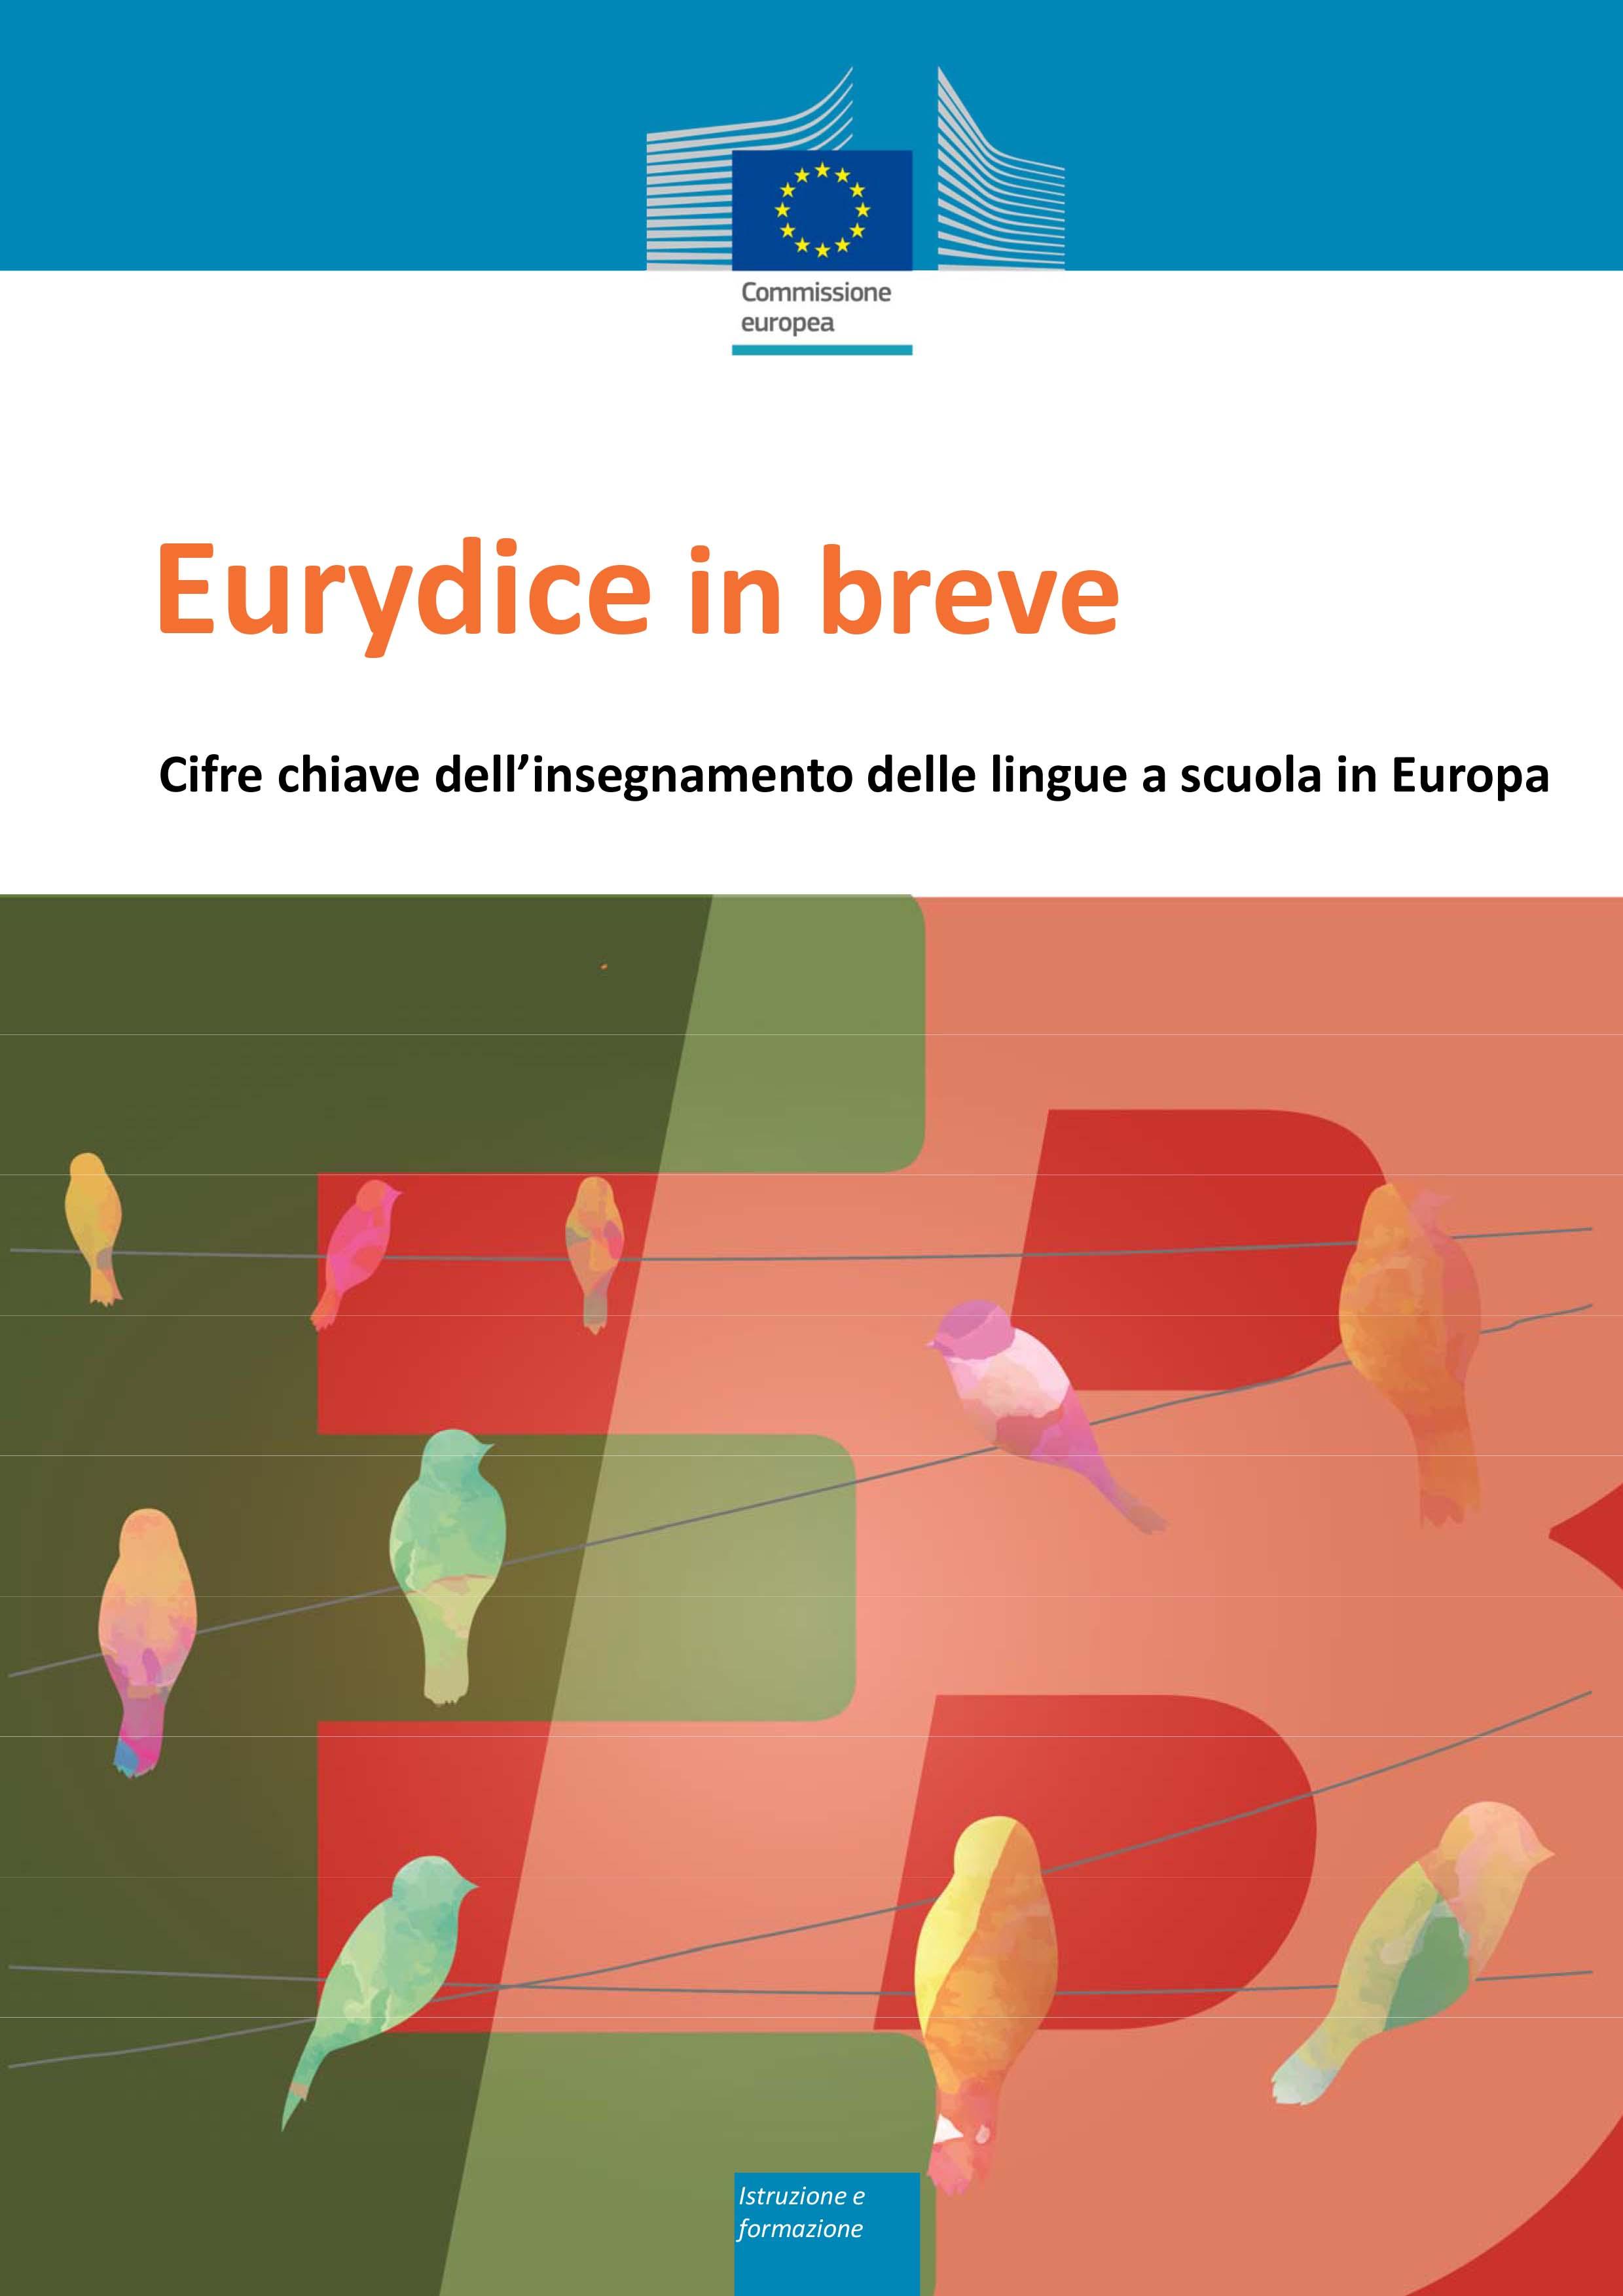 Eurydice in breve: Cifre chiave dell'insegnamento delle lingue